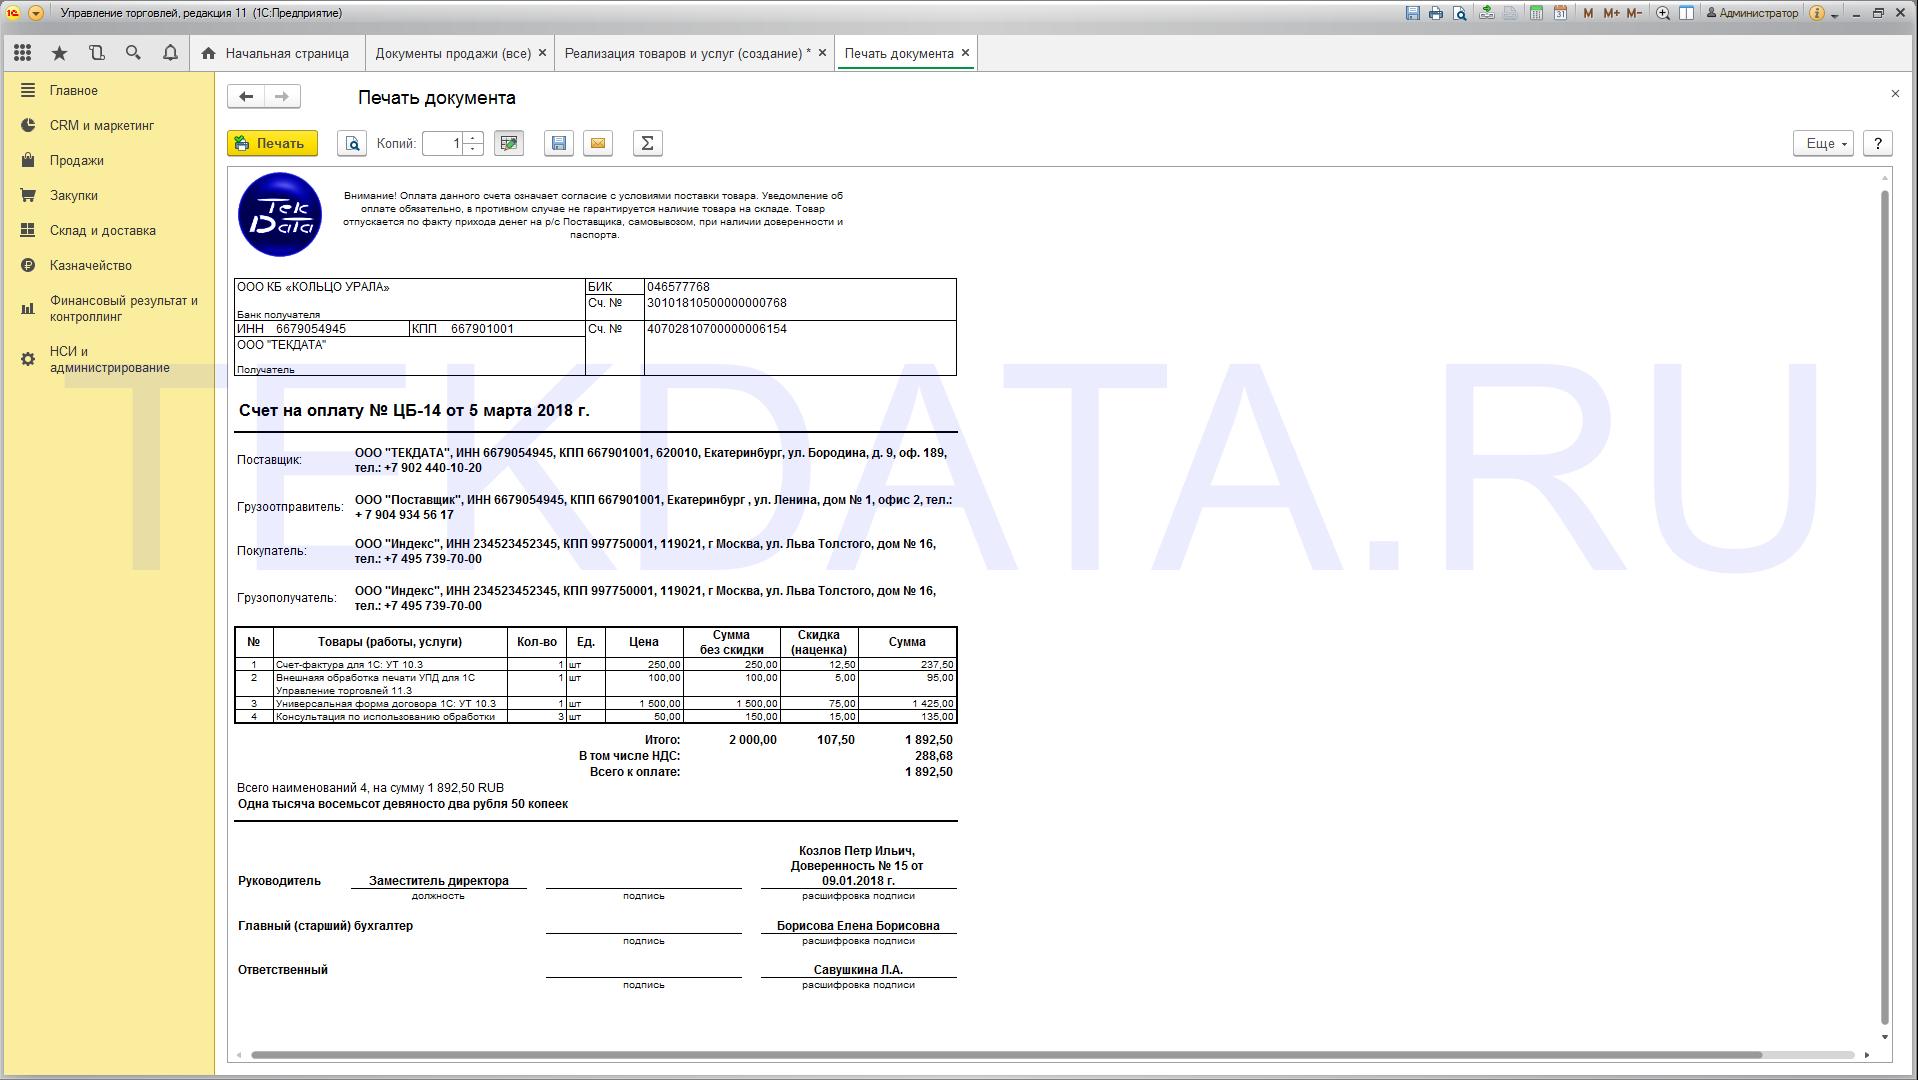 Расширение «Счет на оплату без записи документа для 1С:УТ 11.3»